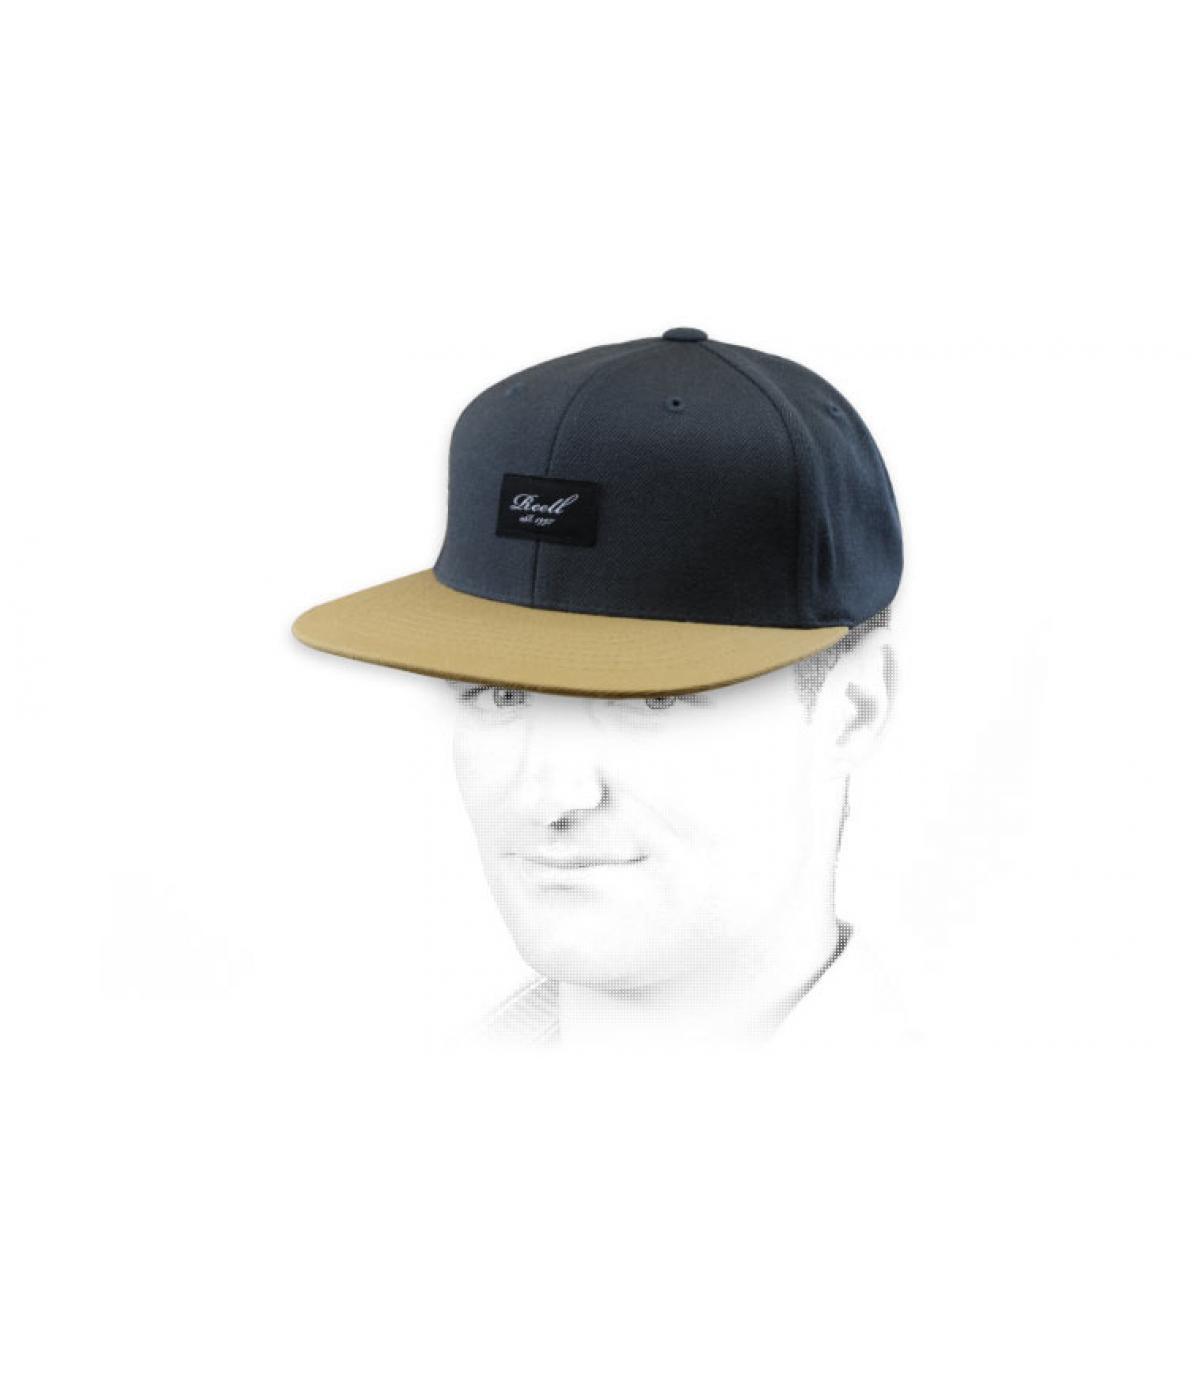 Snapback Reell grau beige